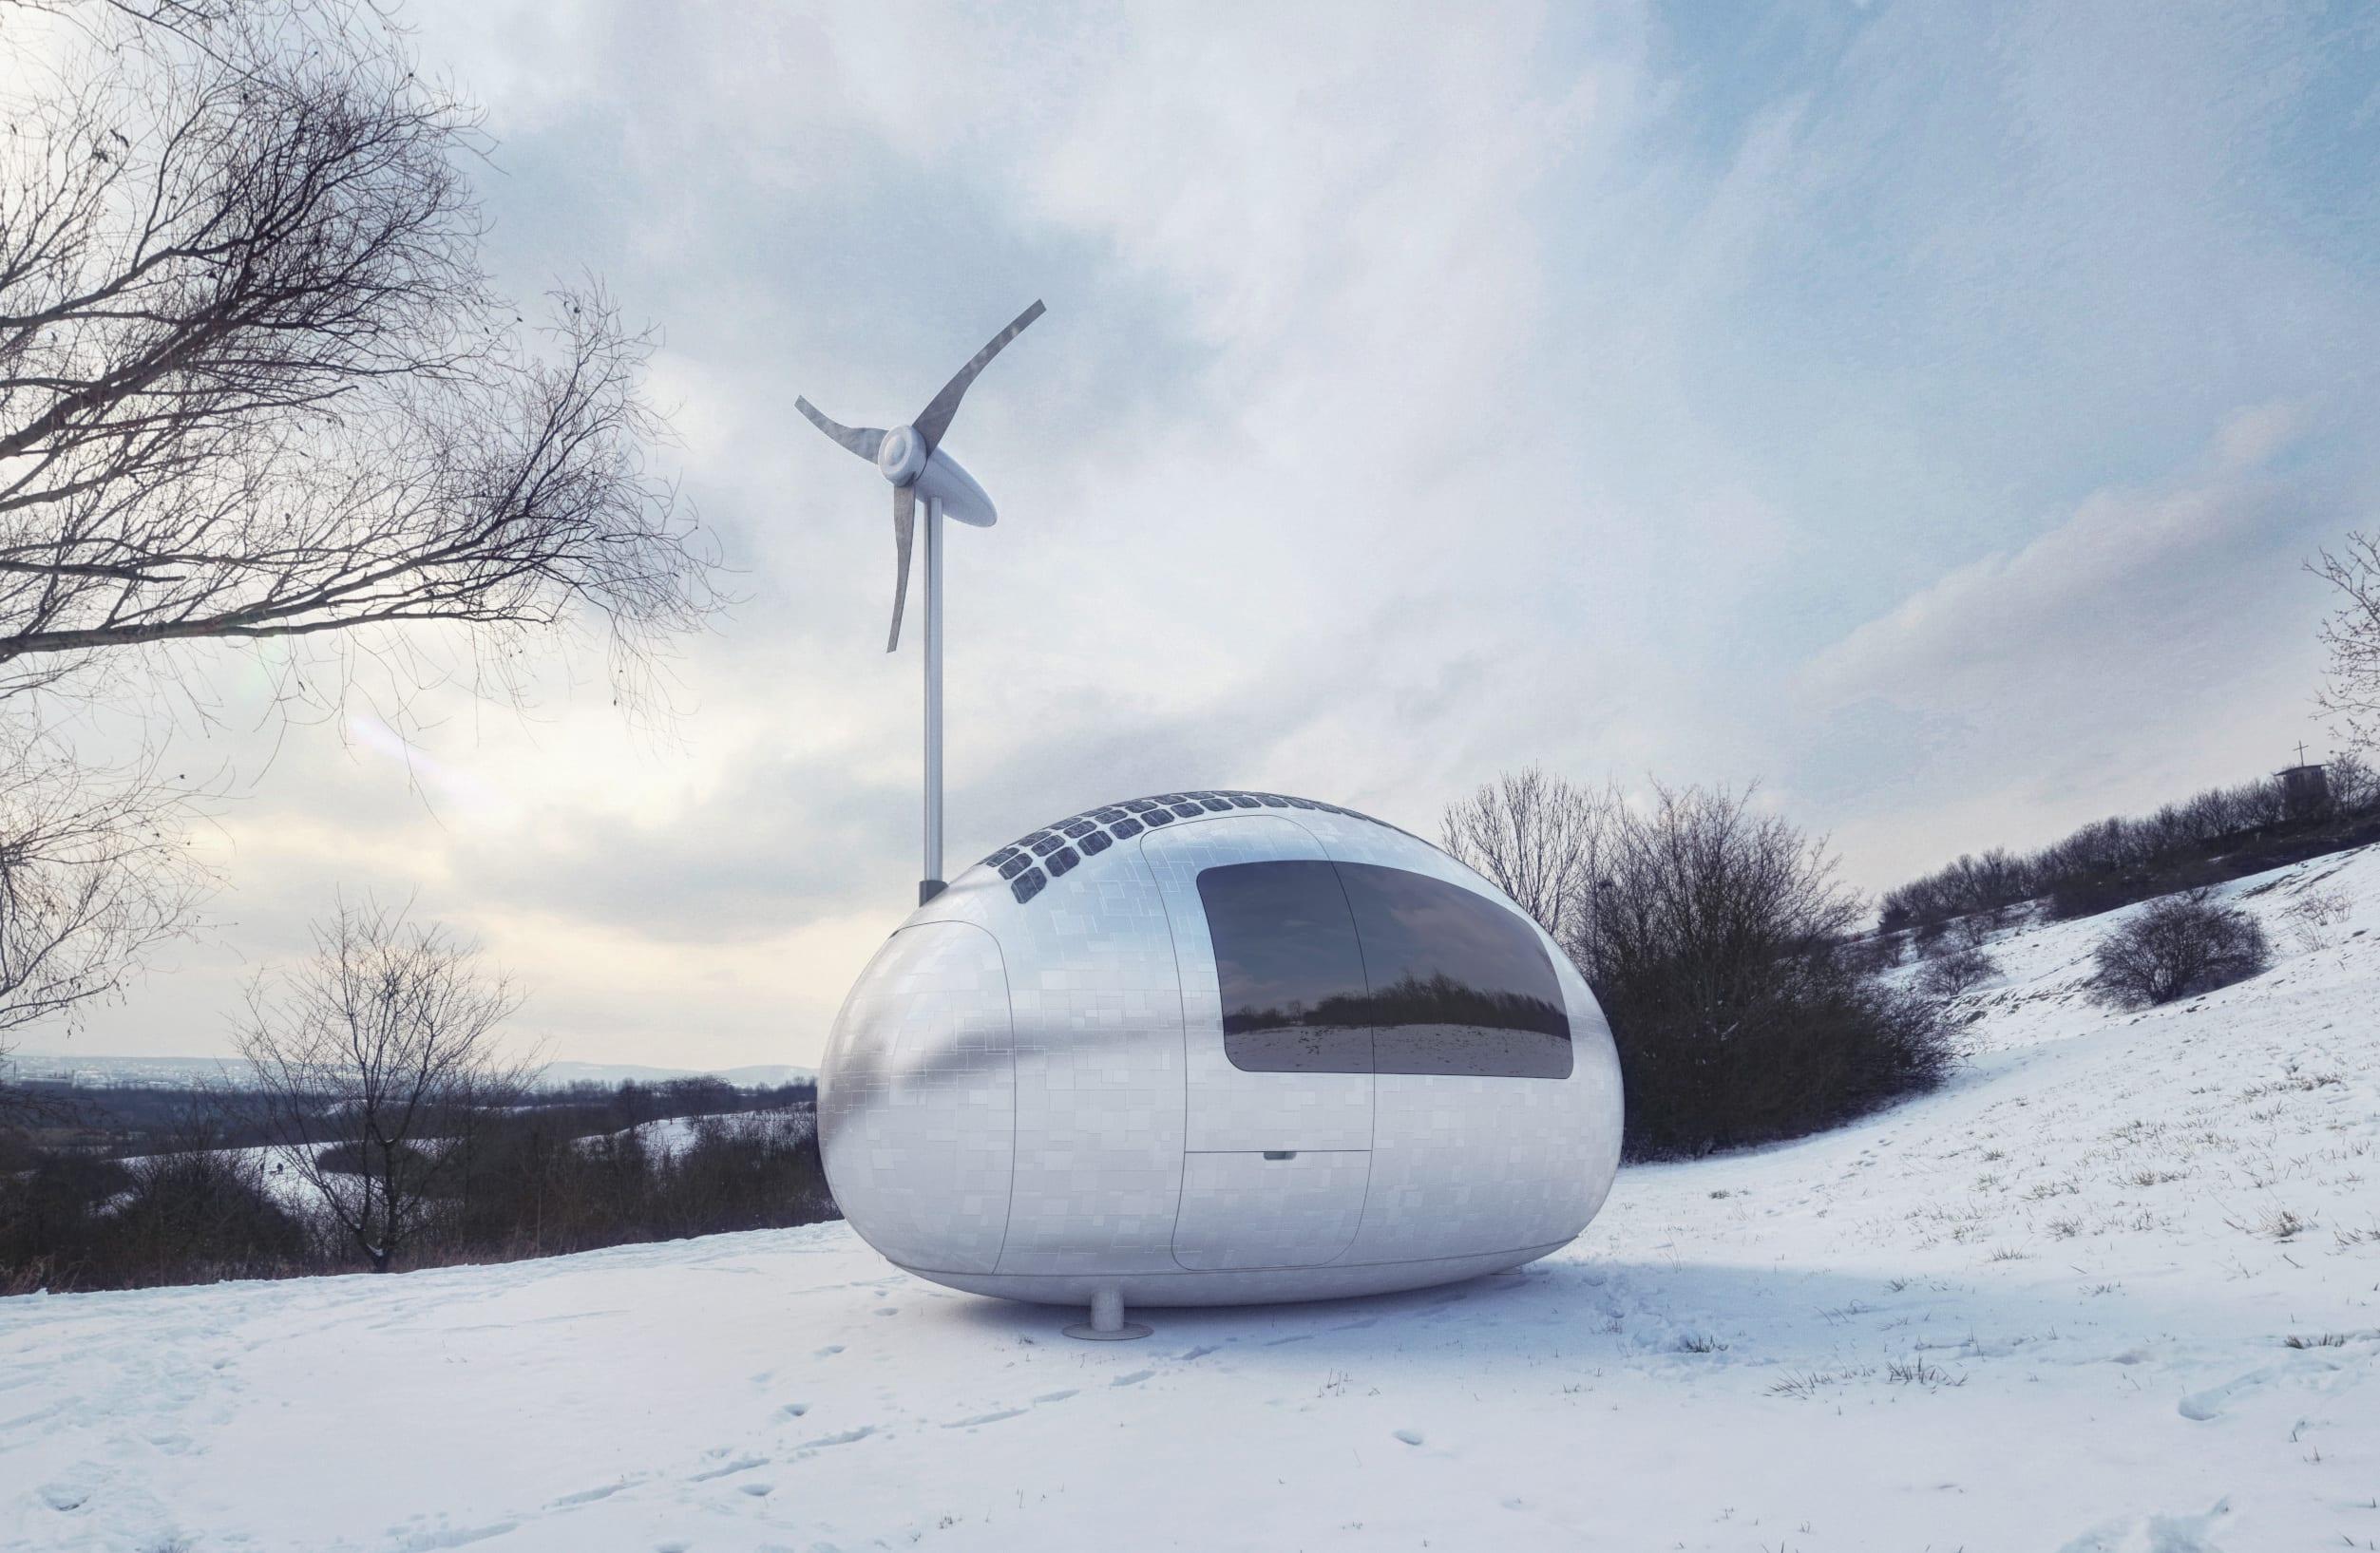 kleines wohnmobil als mobiles Niedrigenergiehaus mit solaryellen ...